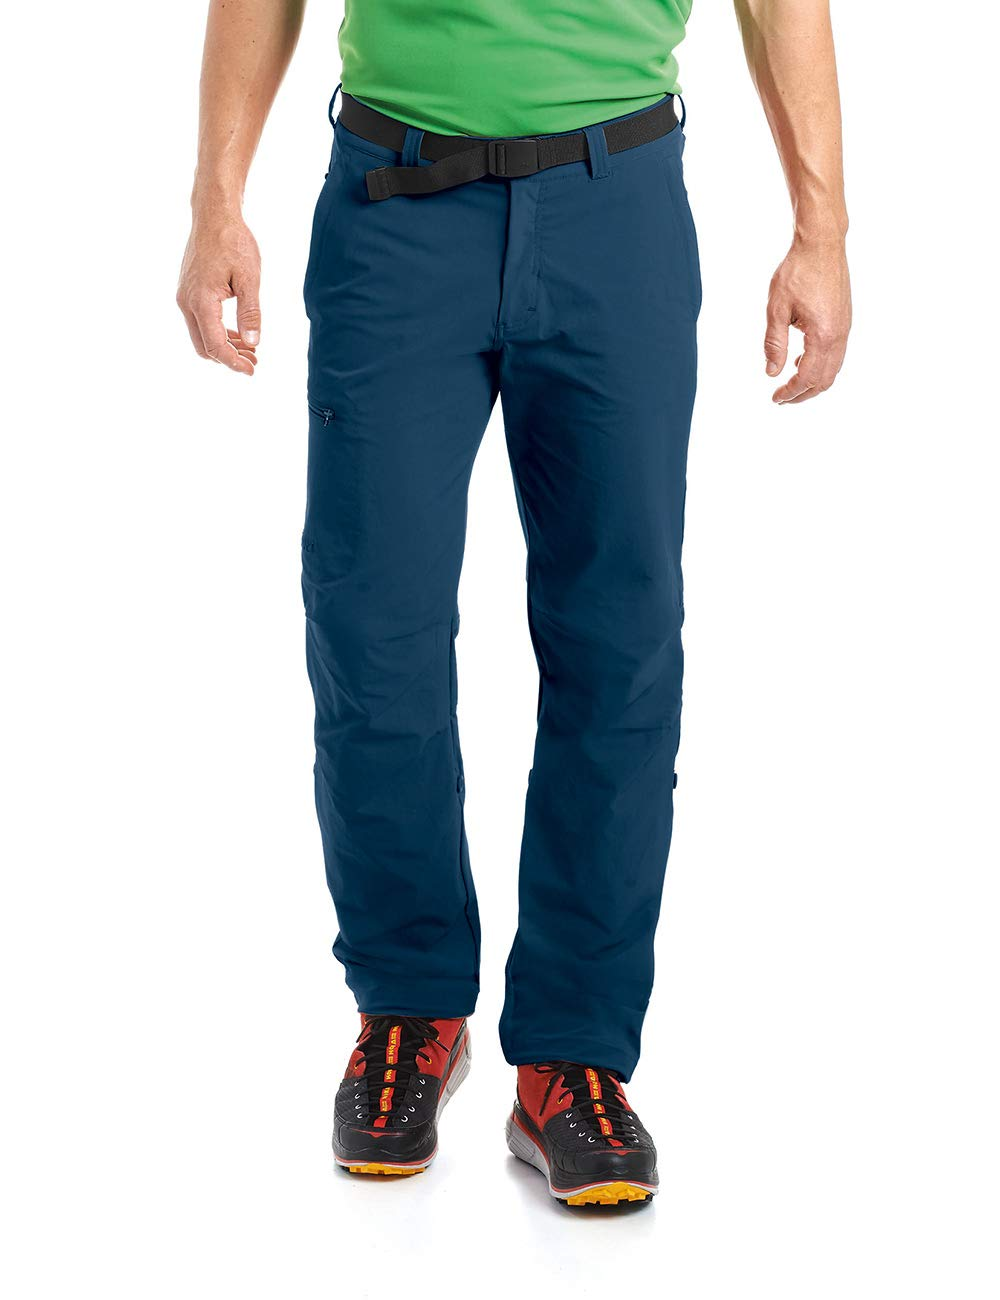 Aviator  Maier Sports Nil Pantalon de randonnée Roll up 90% PA 10% EL avec Ceinture, bi-élastique, séchage Rapide et imperméable